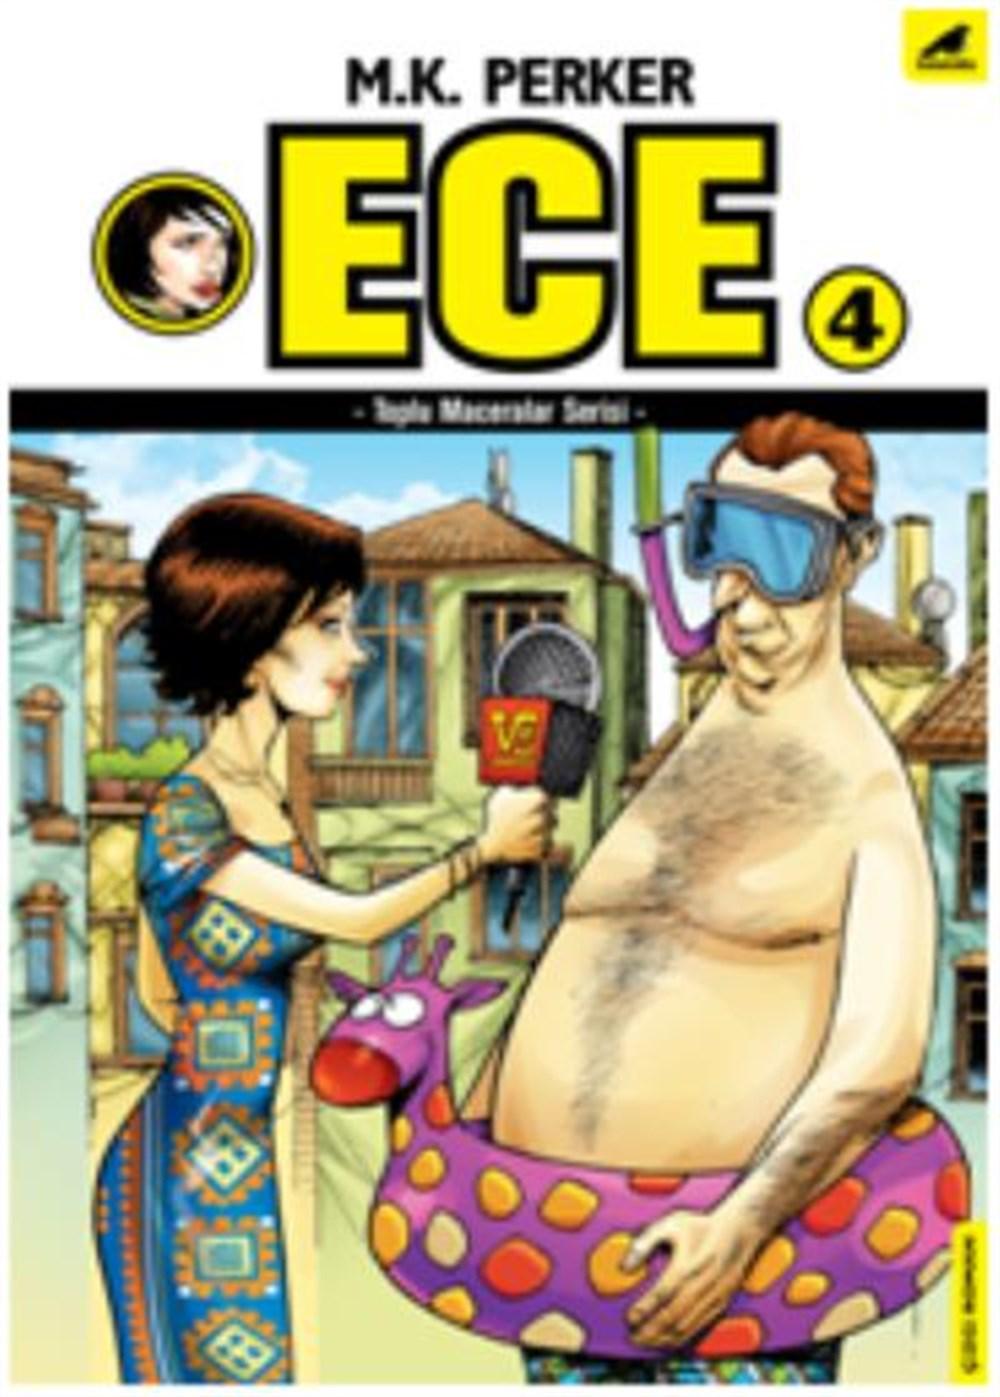 Ece 4